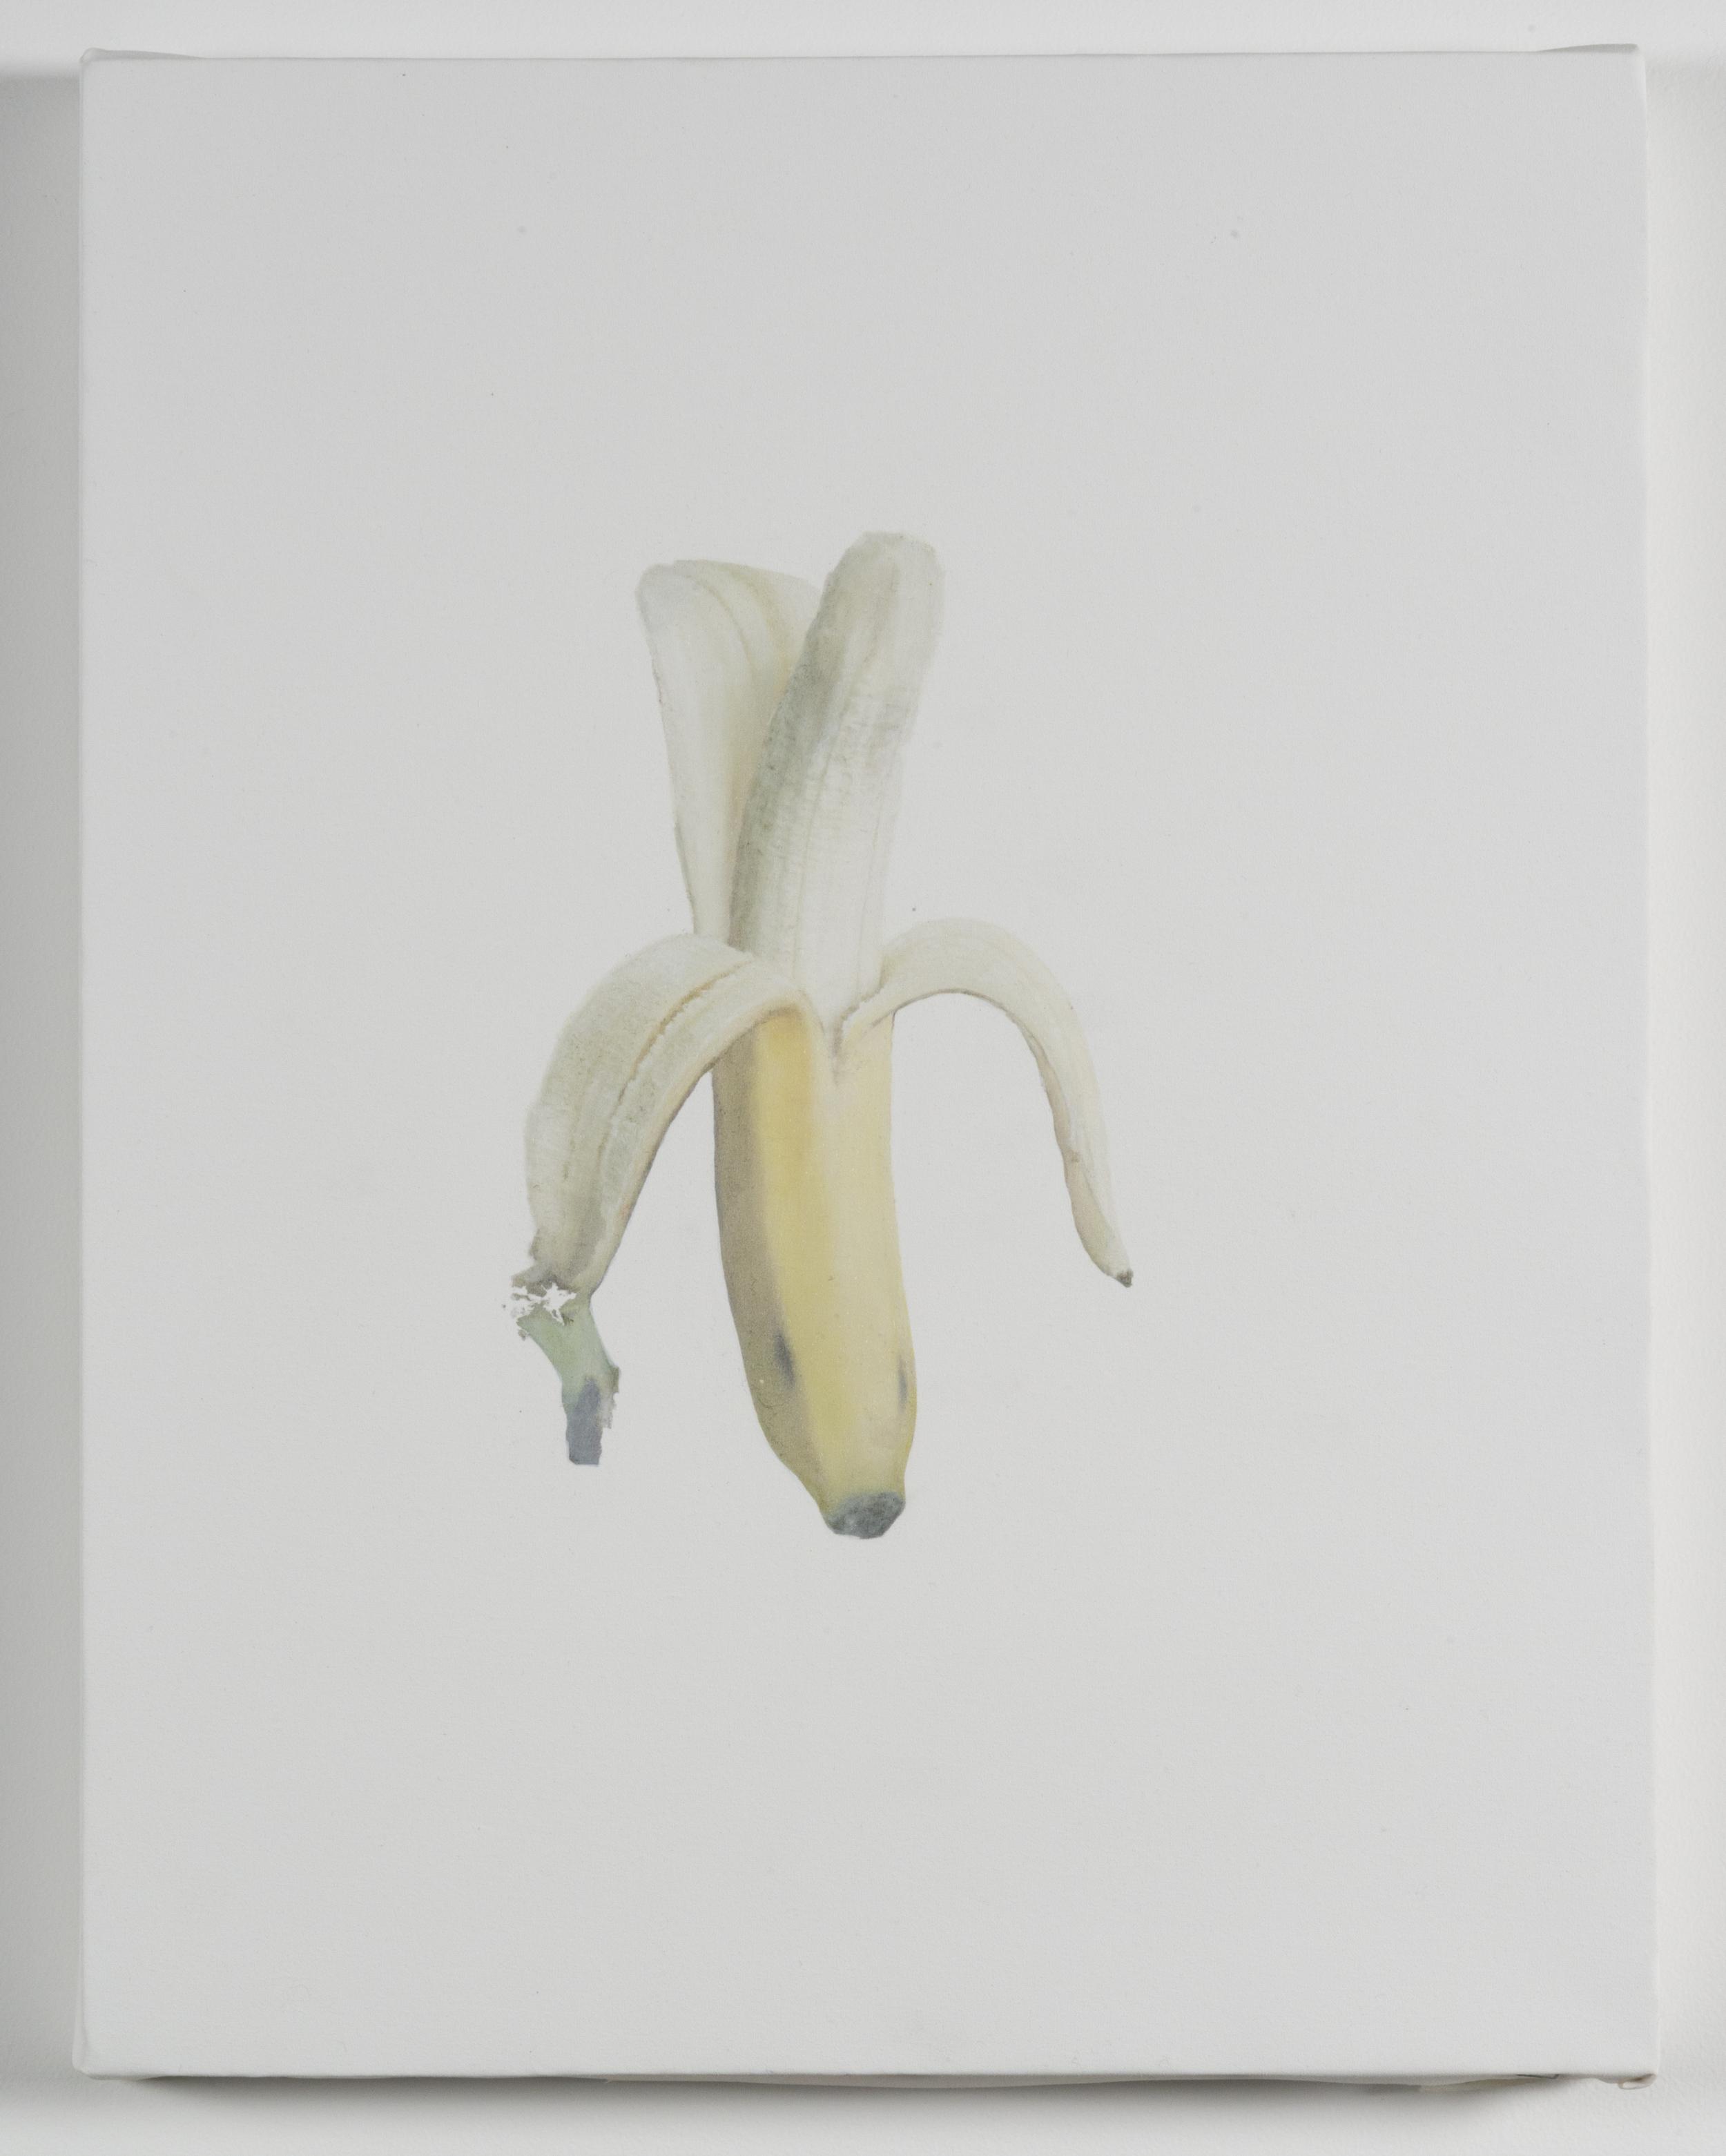 Jpeg (upright banana) 2